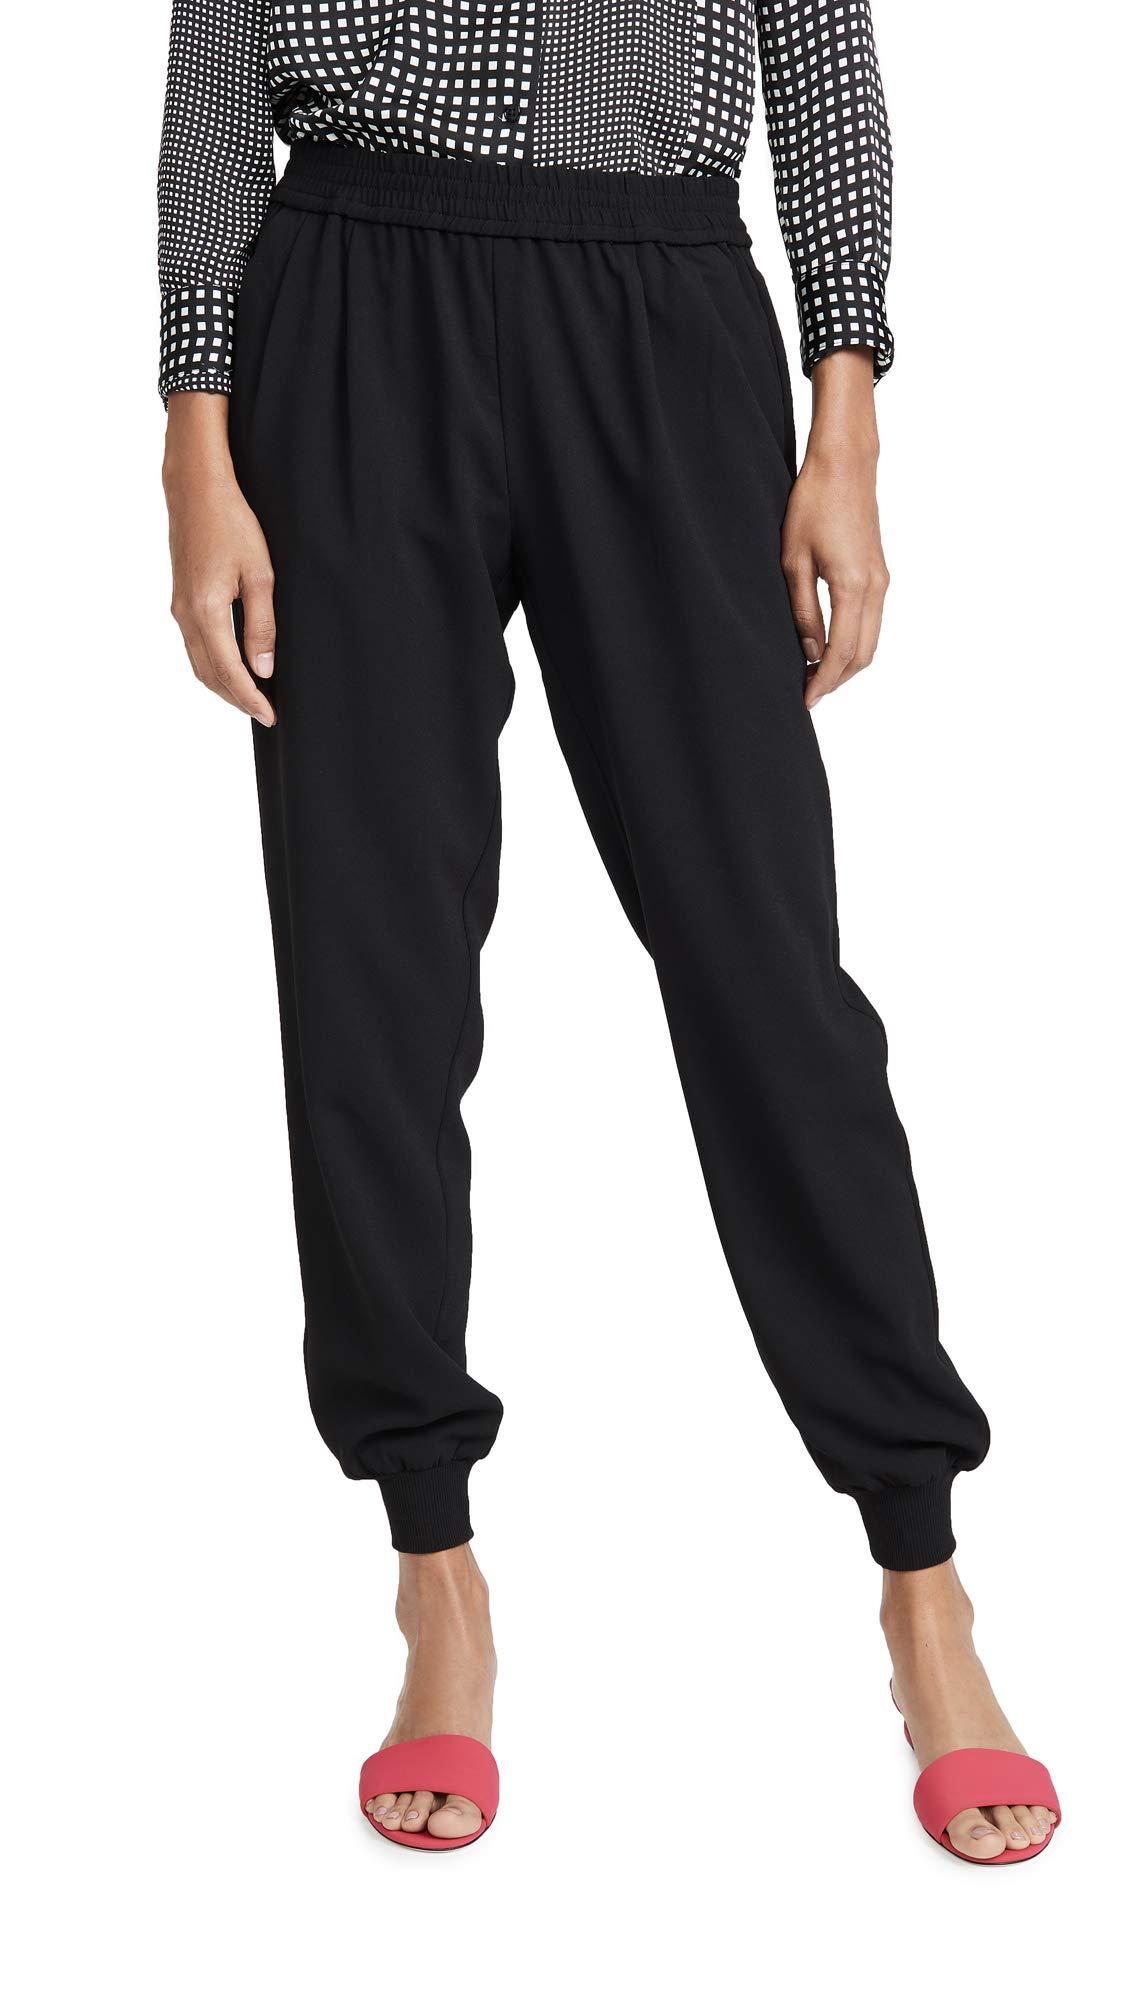 Joie Women's Mariner Pants